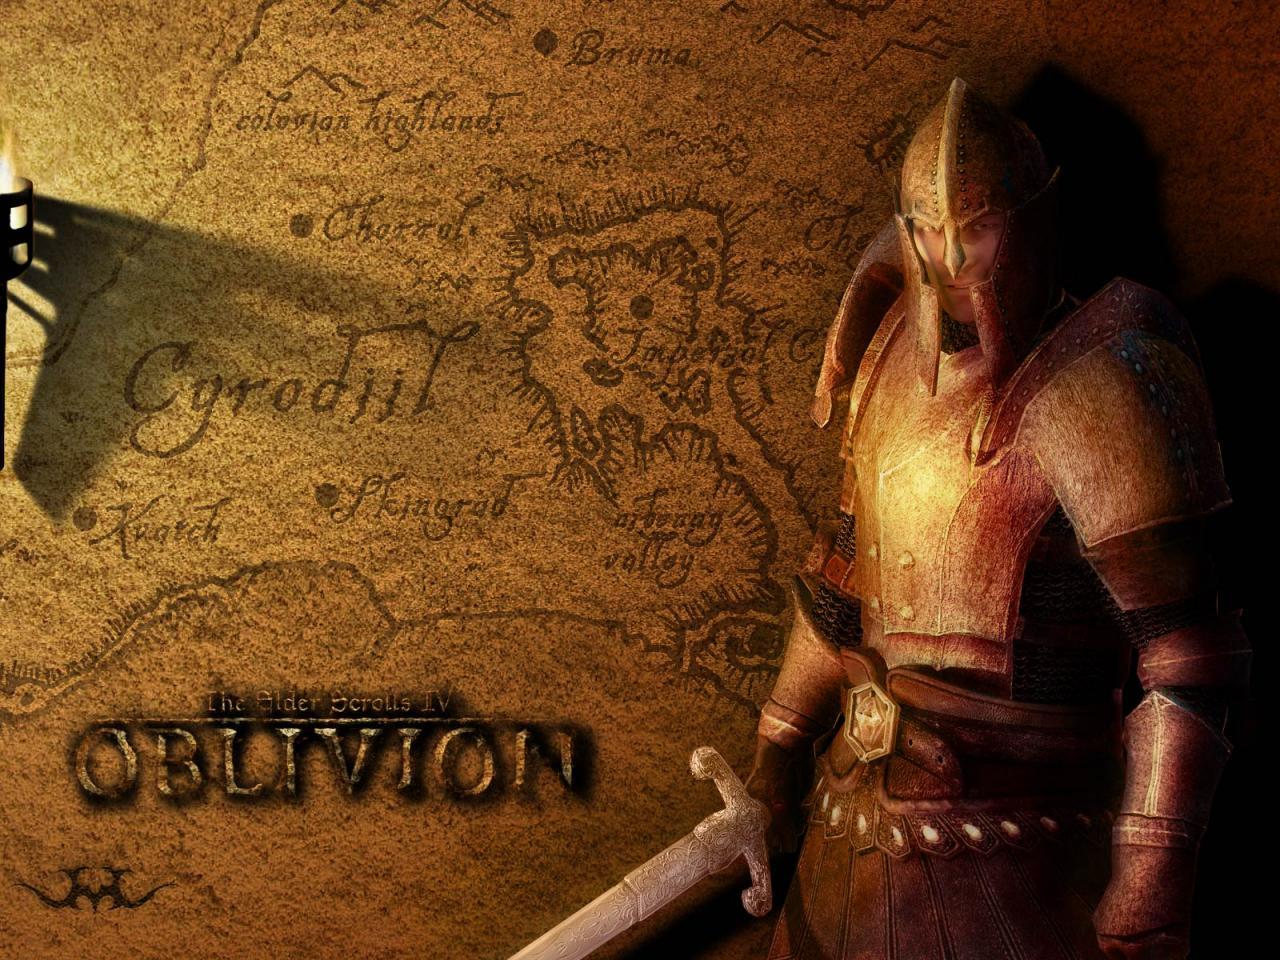 Elder Scrolls IV Oblivion   High Definition Widescreen Wallpapers 1280x960